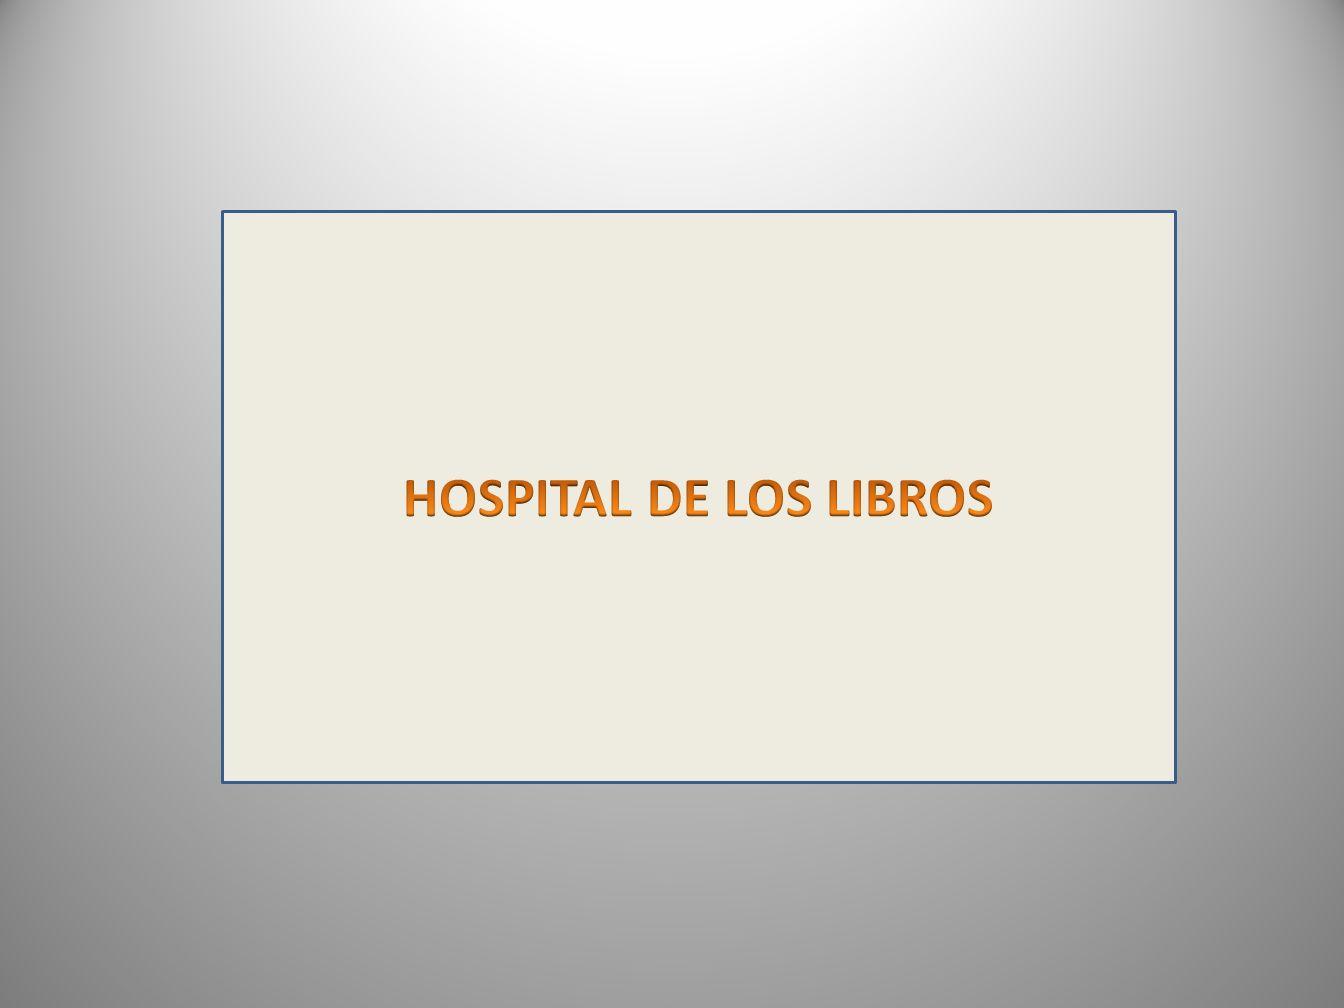 HOSPITAL DE LOS LIBROS